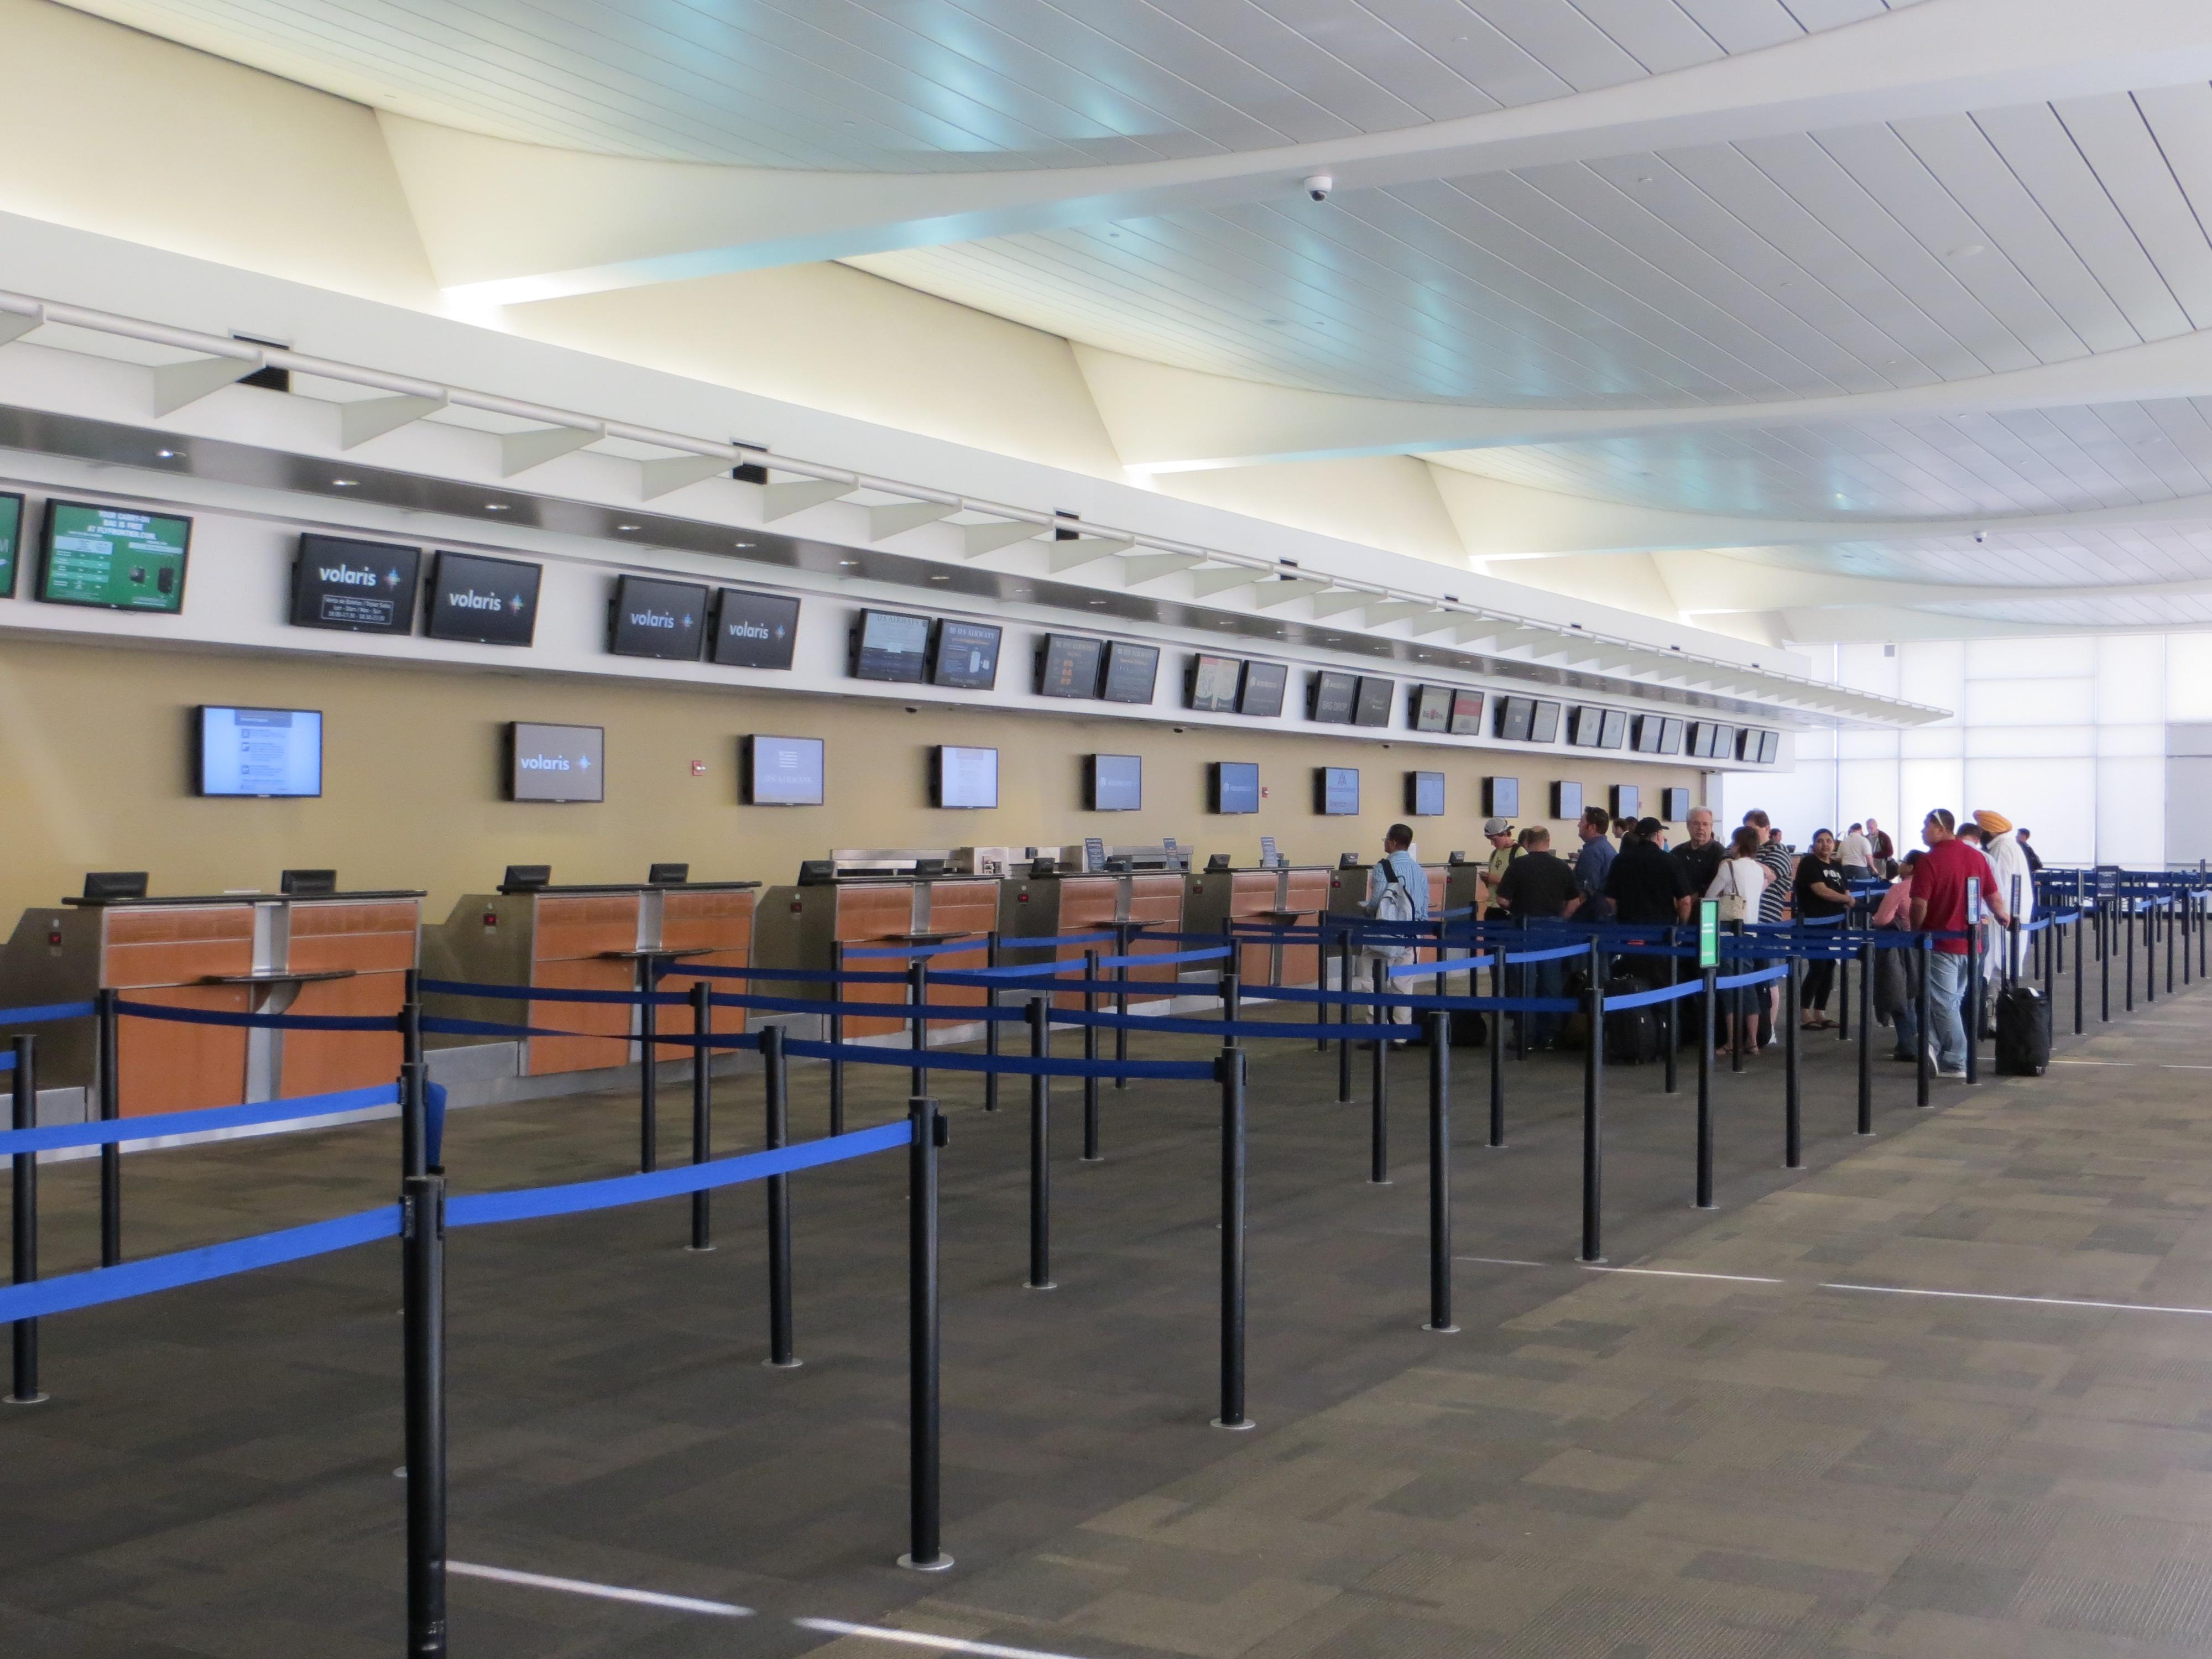 Fat Airport Car Rental